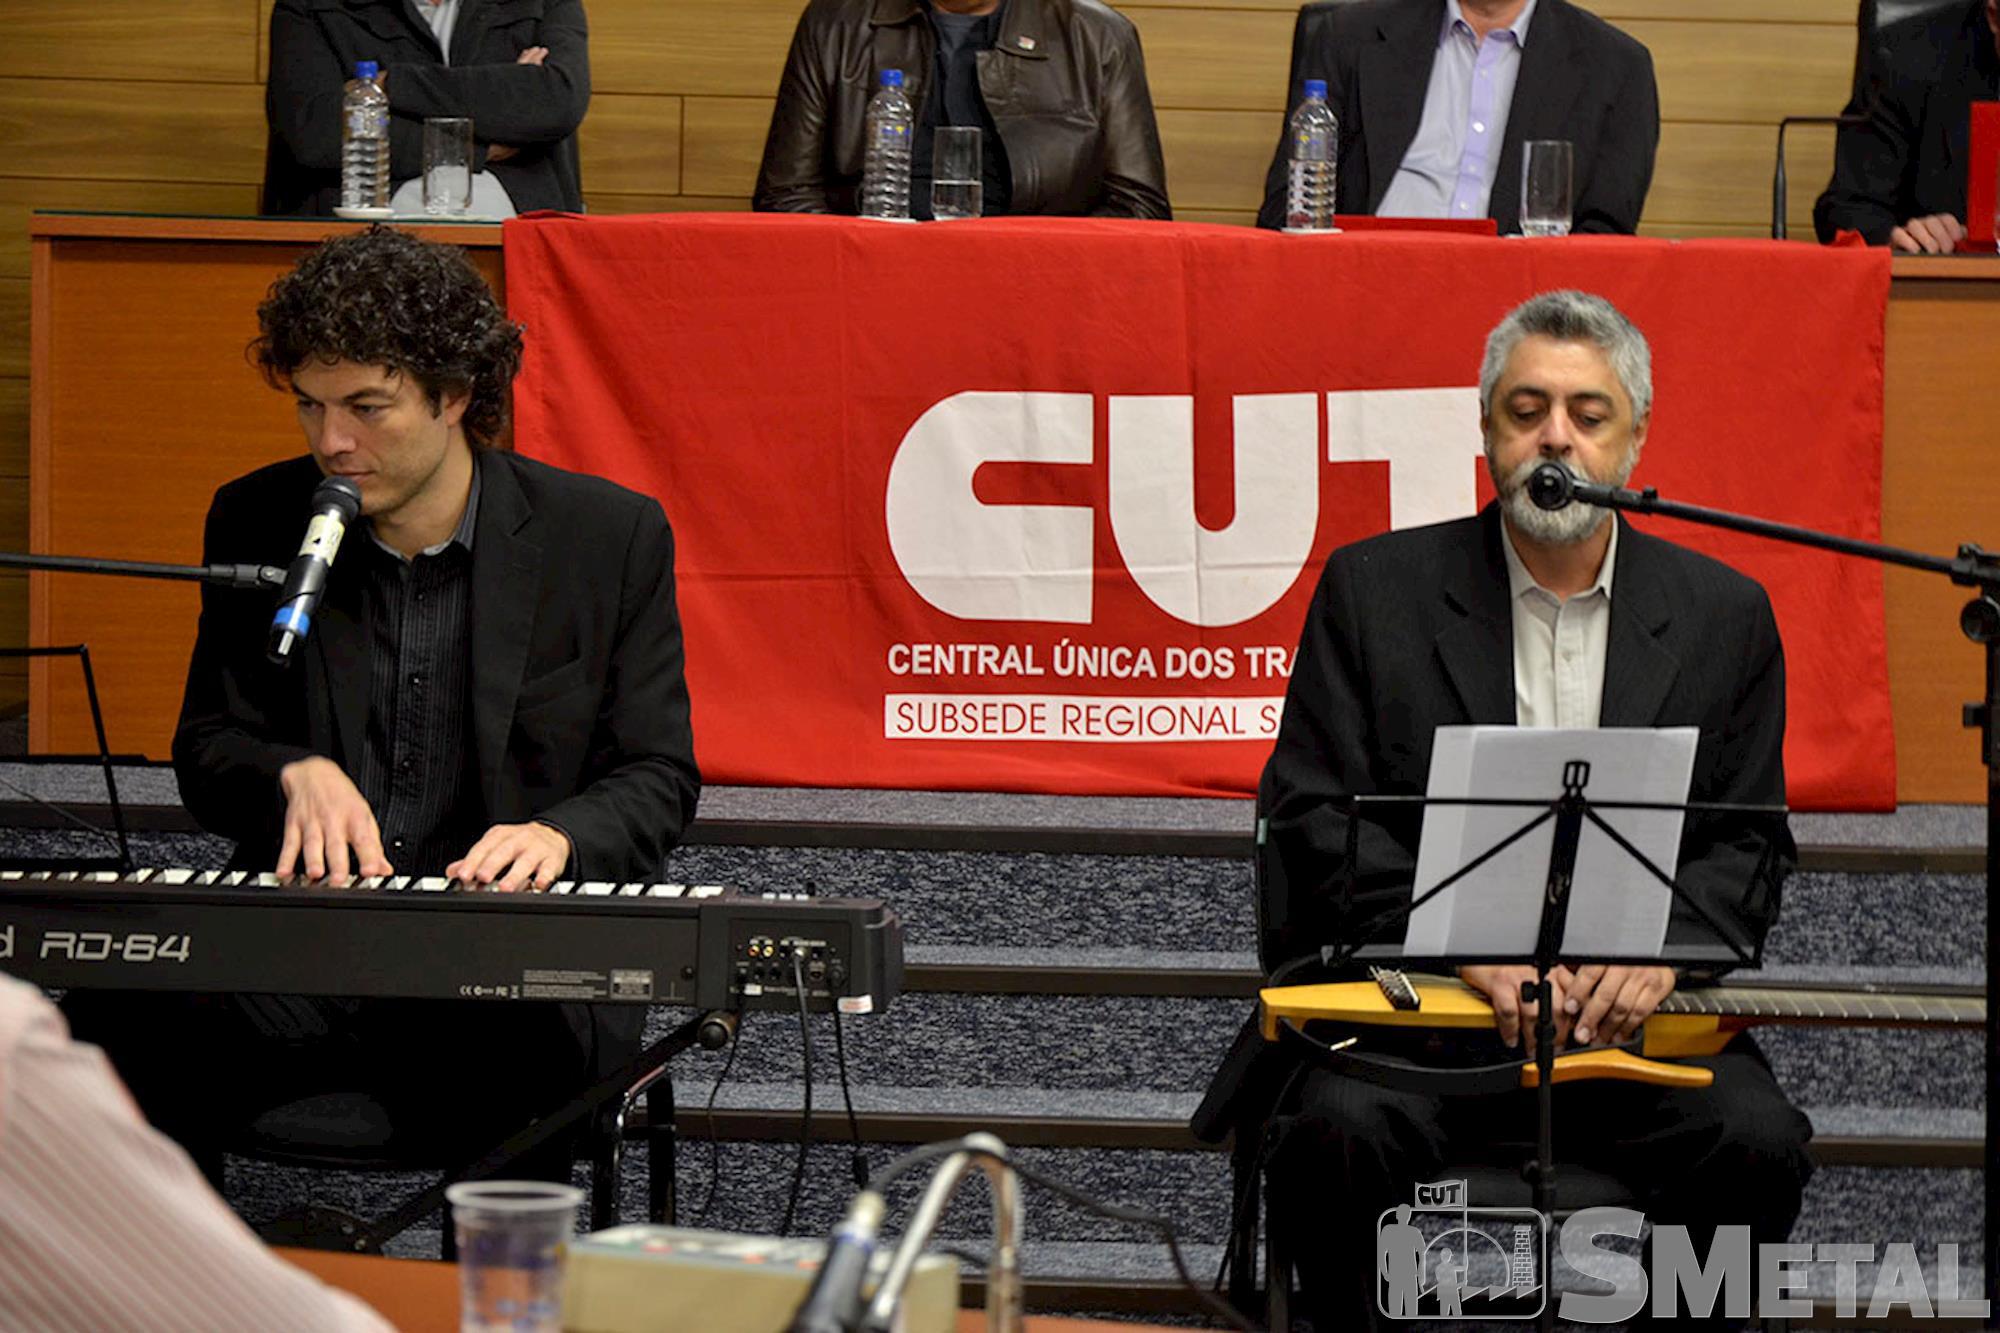 Os músicos João Leopoldo e Marcos Boi interpretaram canções brasileiras que falam sobre resistência,  esperança e sonhos, Sessão Solene na Câmara de Sorocaba comemora 30 anos de CUT